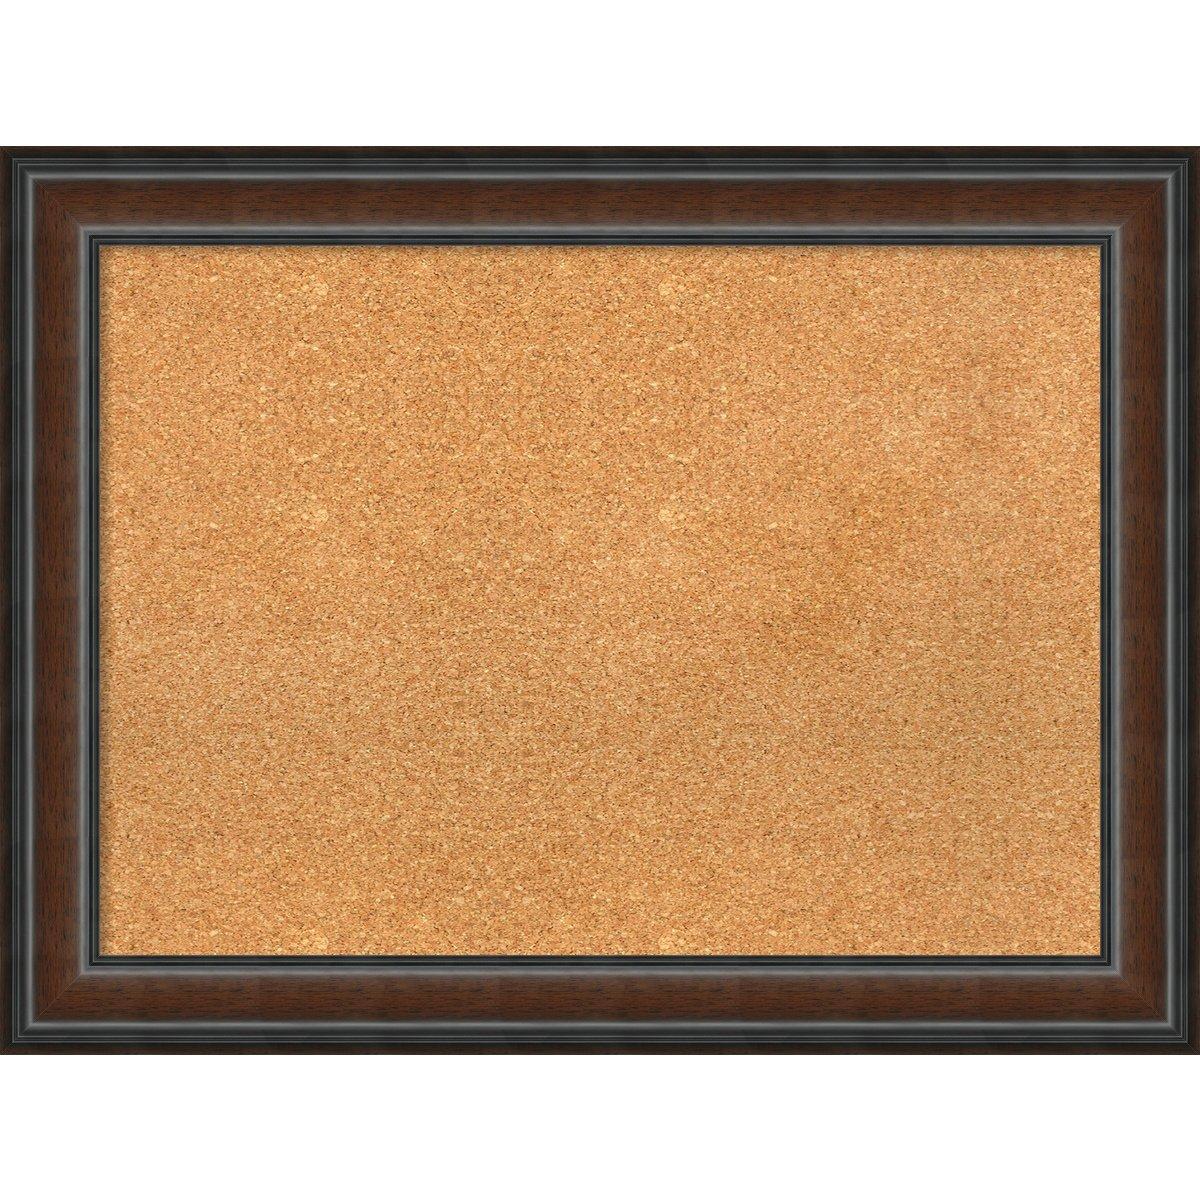 Amanti Art Korktafel Large - 33 x 25 Cyprus Walnut B075829386 | Clever und praktisch